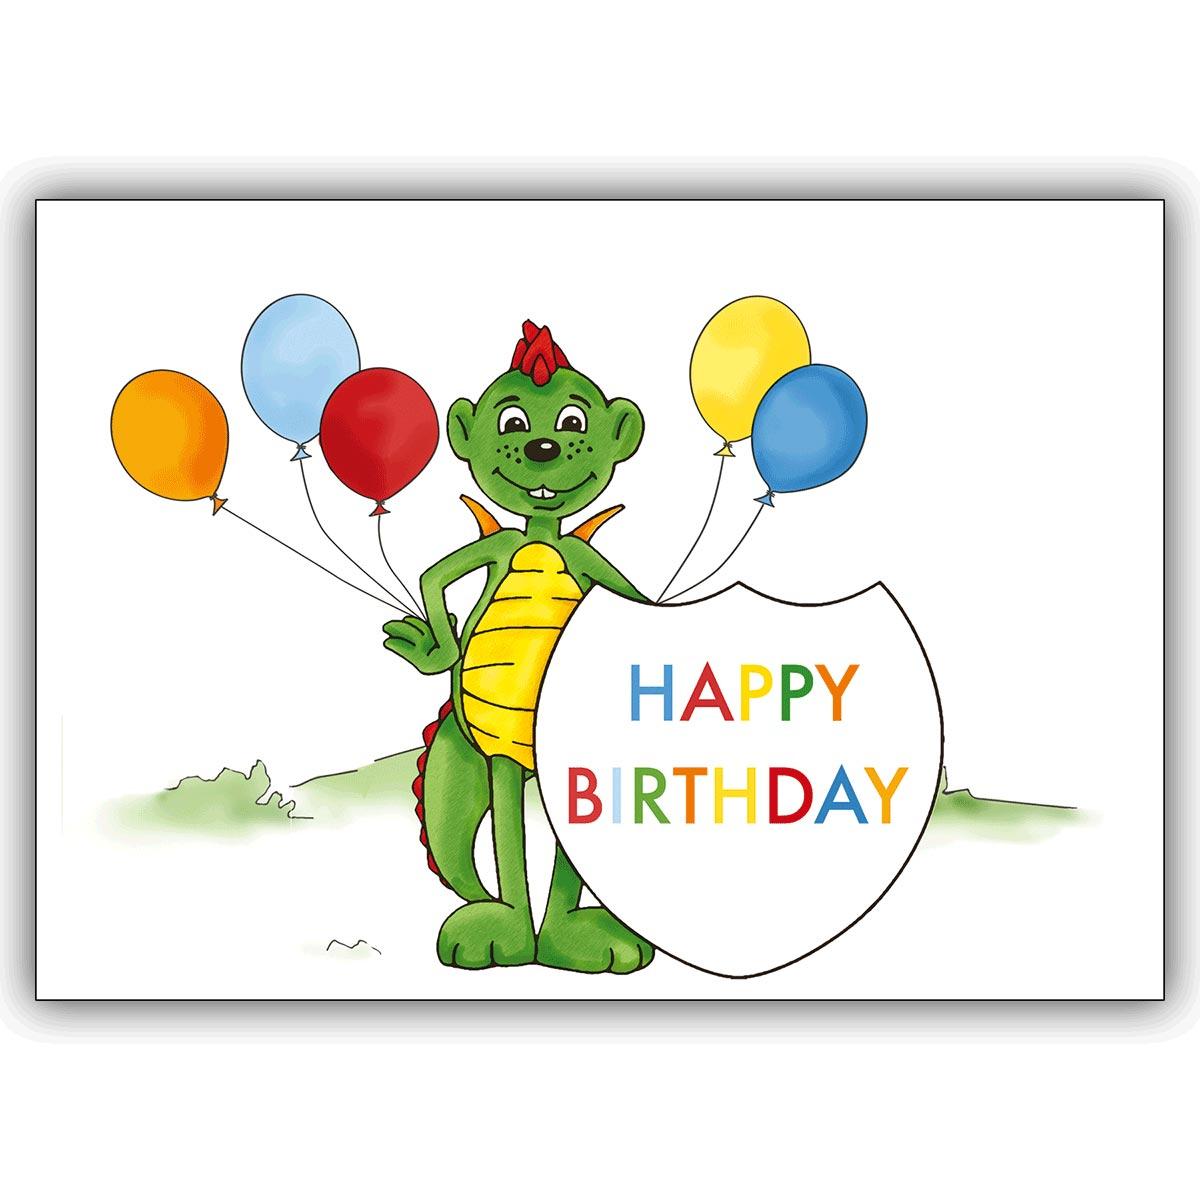 Coole Kinder Geburtstagskarte, Happy Birthday, Mit Drachen Dinolino Und  Luftballons für Geburtstagskarten Kinder